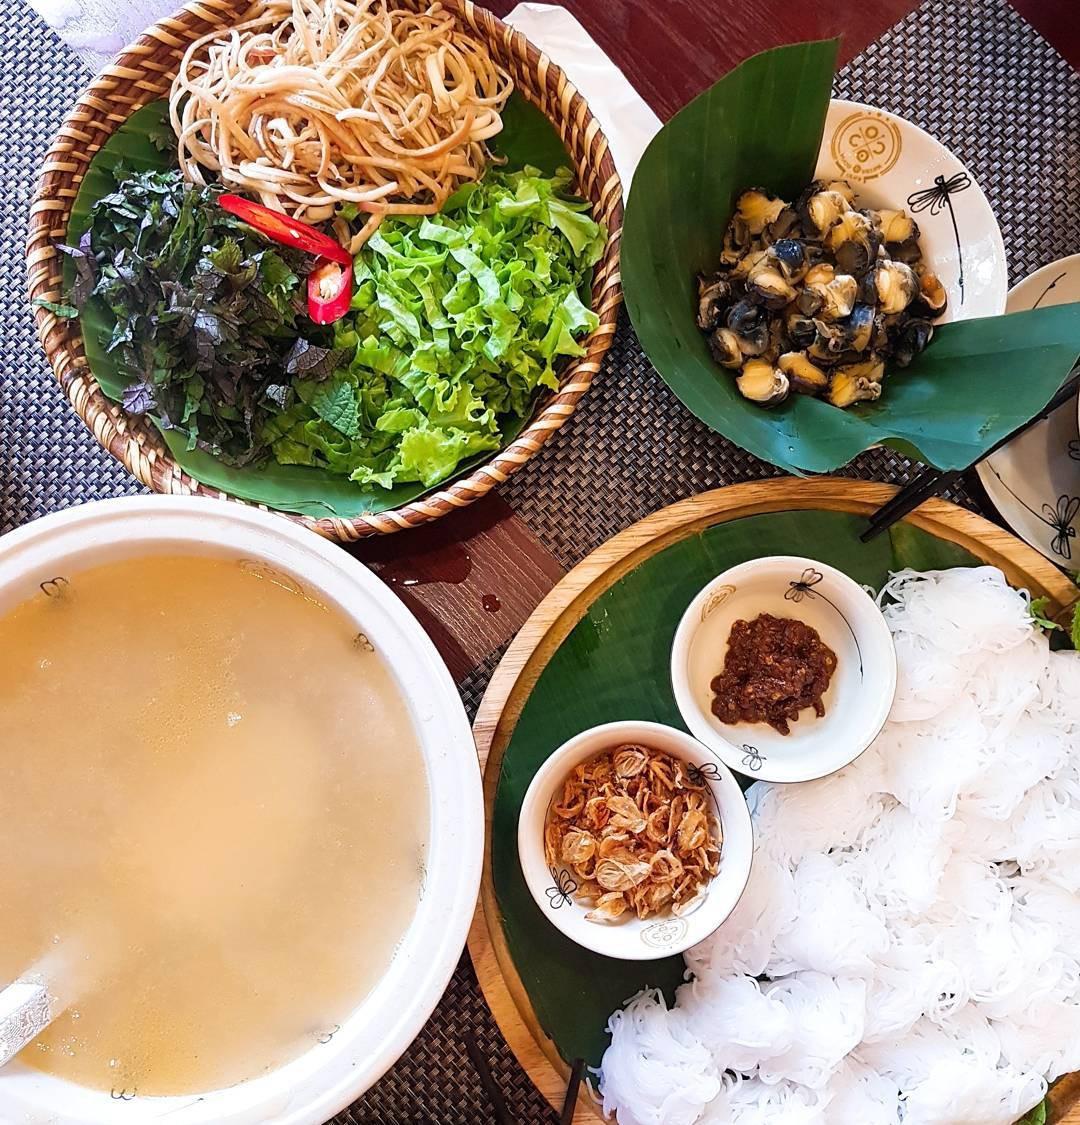 Món ăn ngon mùa hè ở Hà Nội: Bún ốc nguội - Ảnh 1.